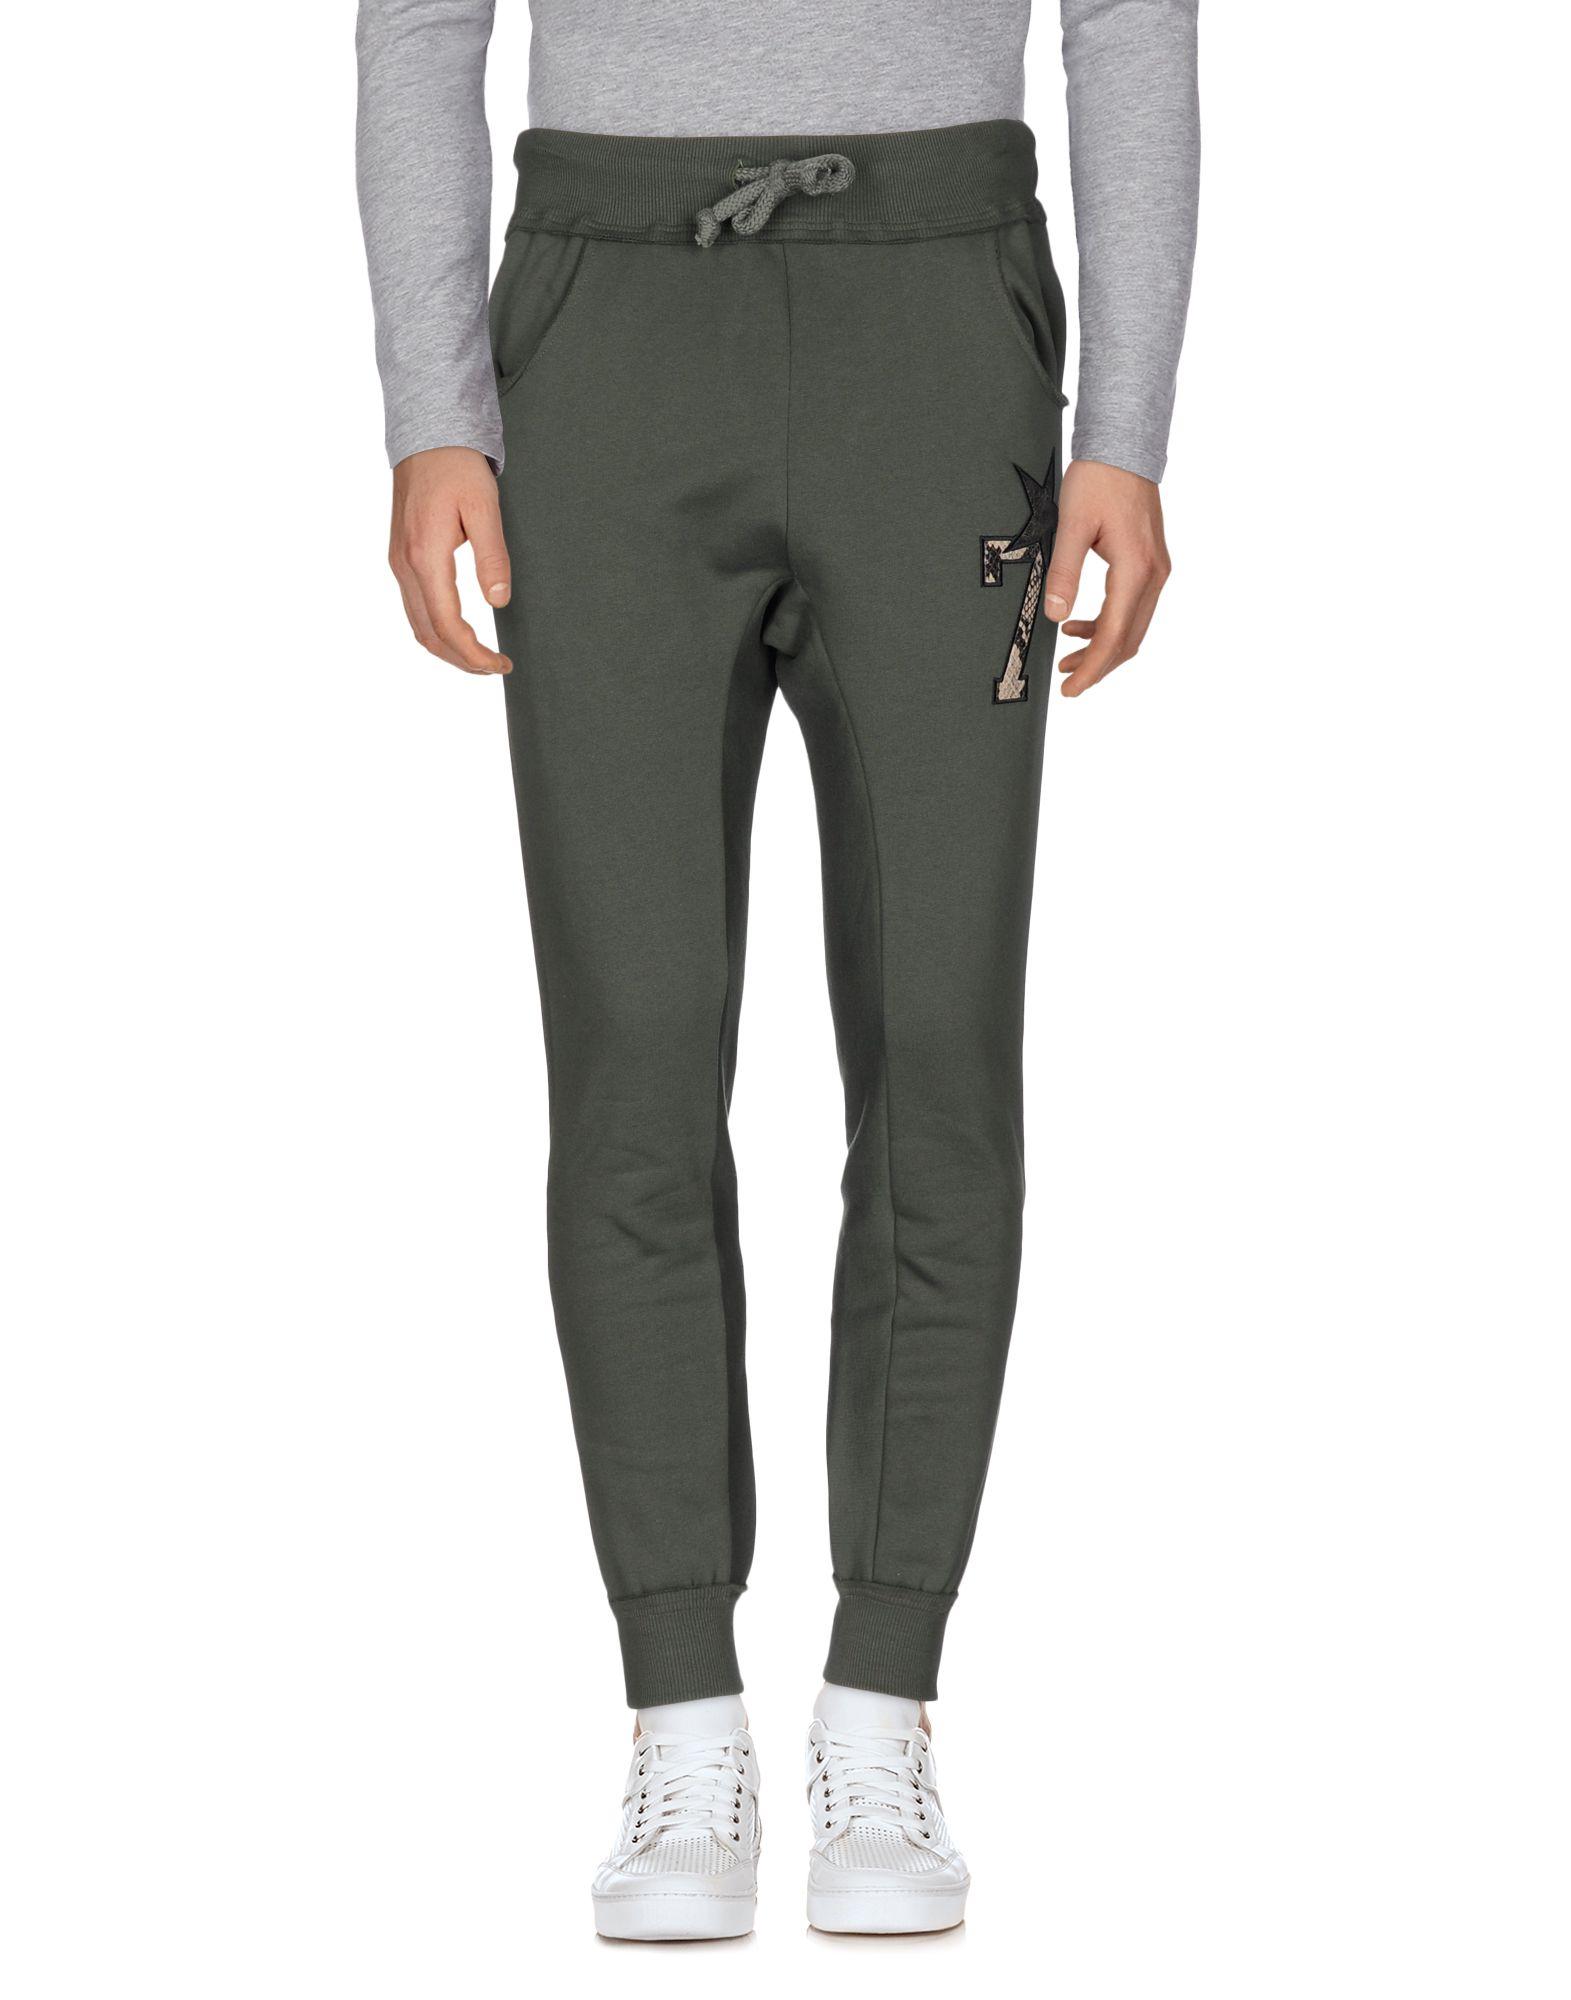 《送料無料》JOE RIVETTO メンズ パンツ グリーン S コットン 100%